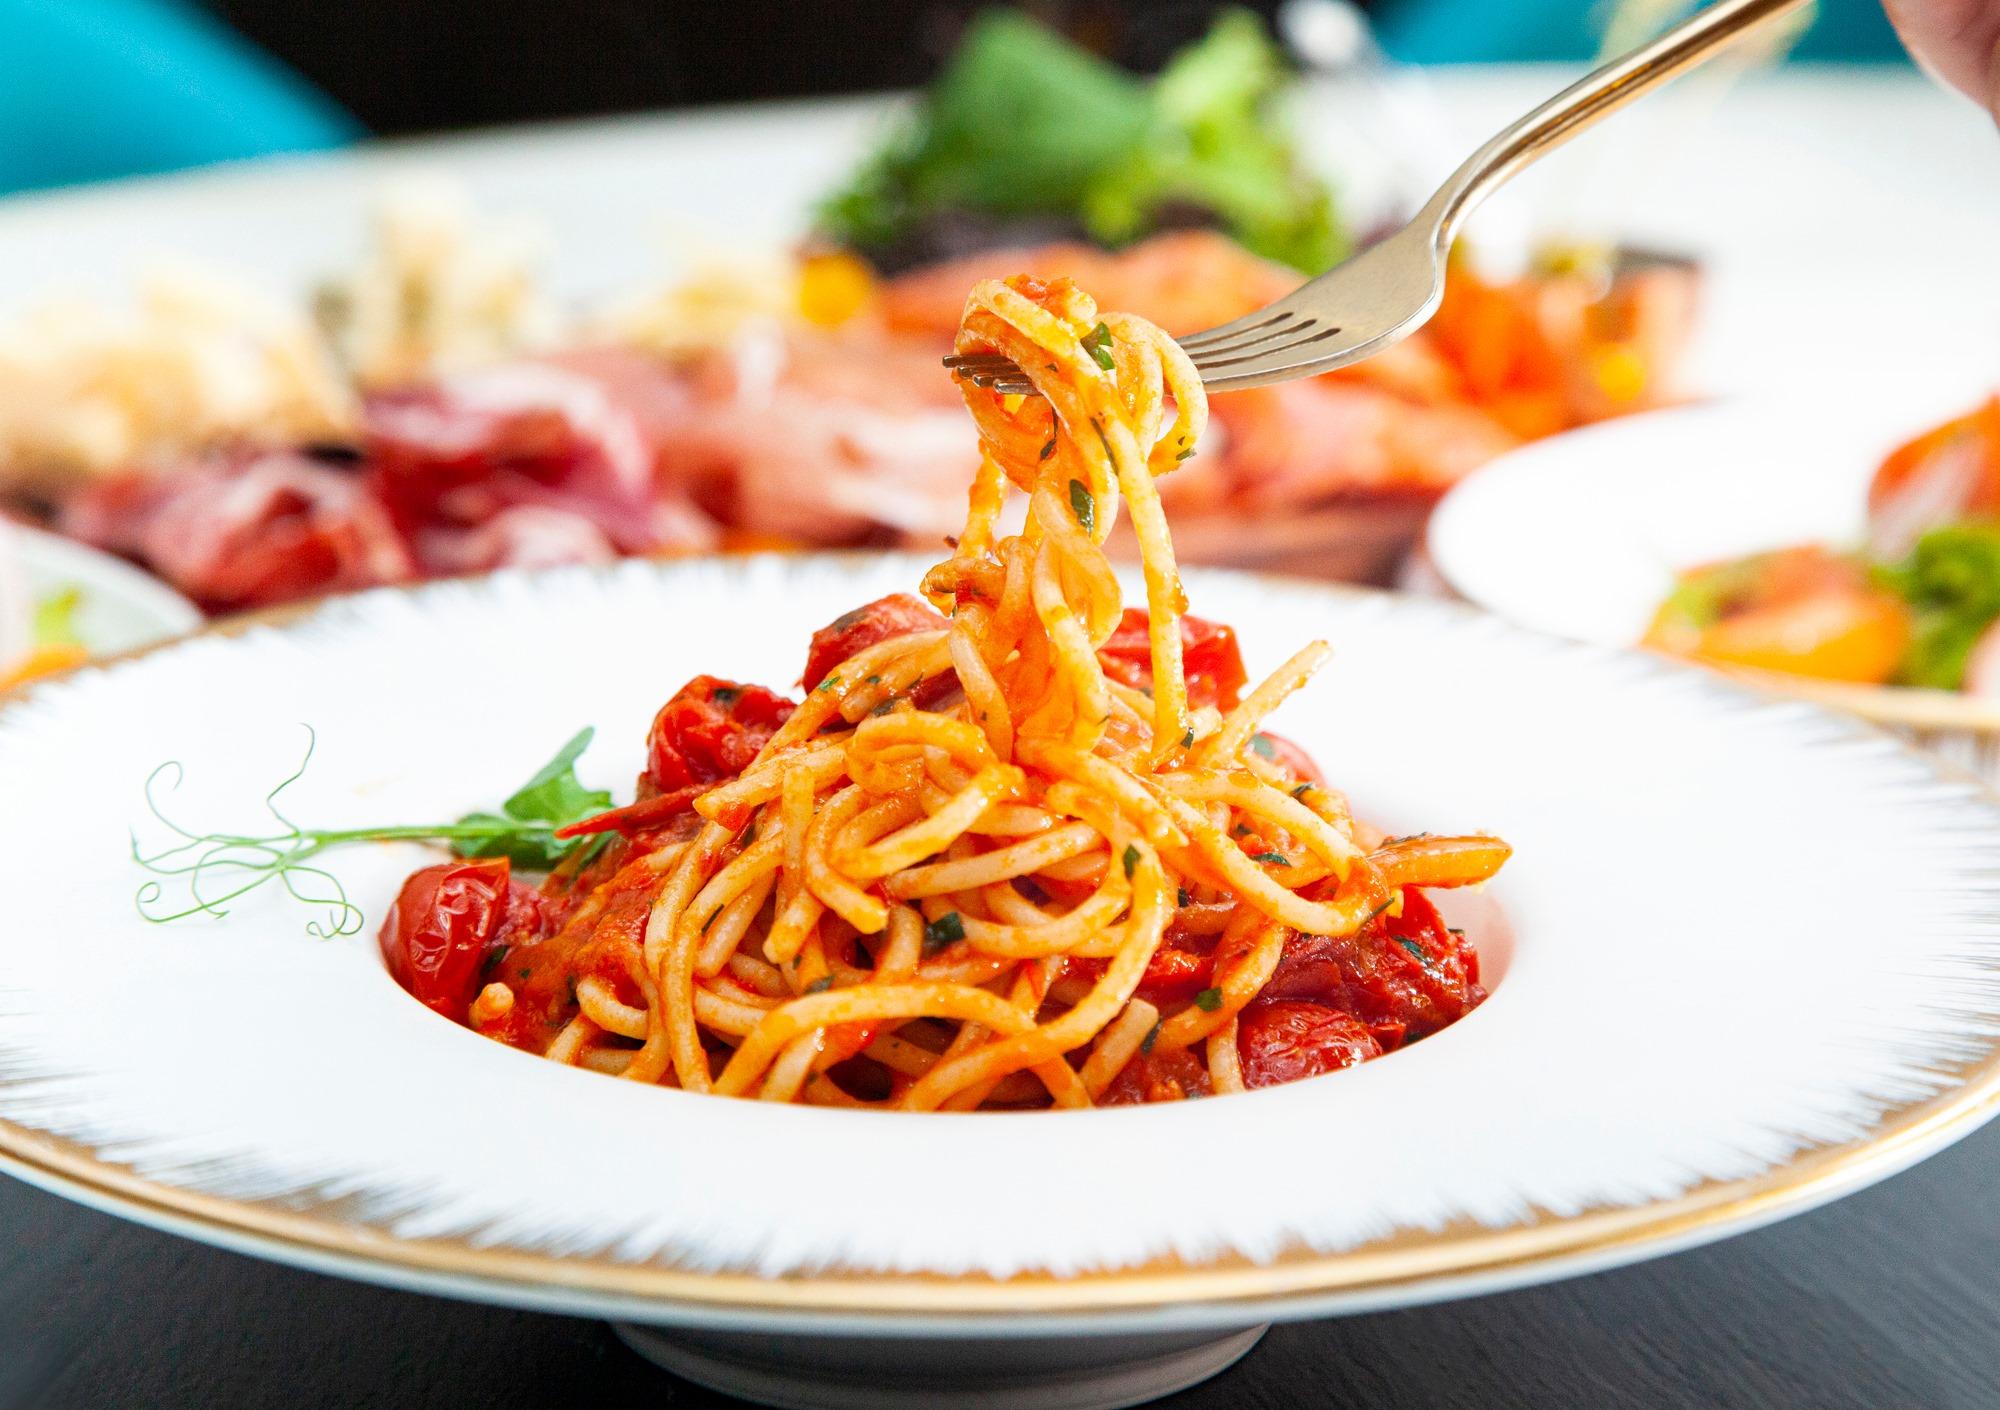 pasta restaurants in Tseung Kwan O